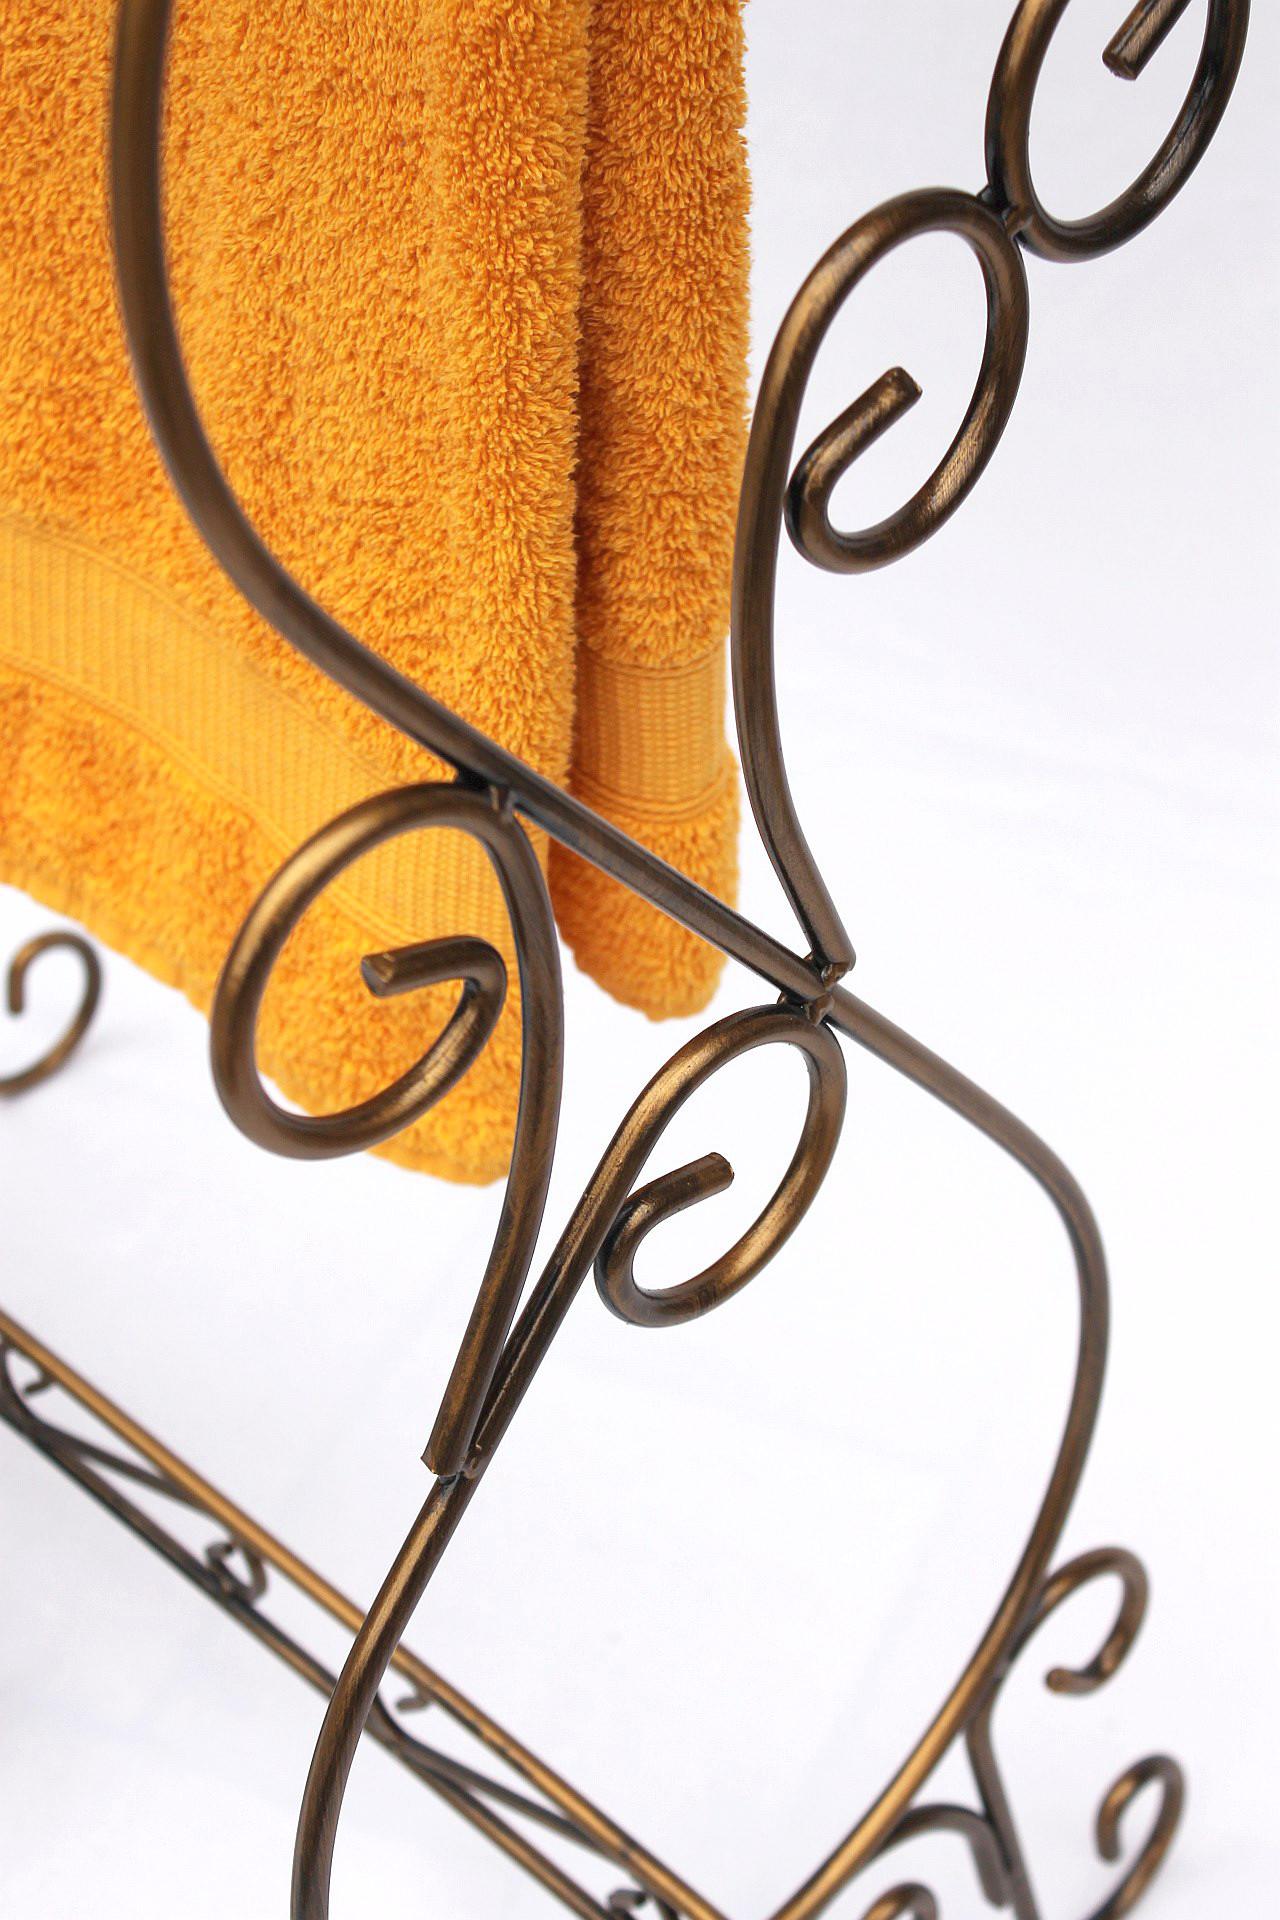 Handtuchst nder handtuchhalter im landhausstil for Handtuchhalter landhausstil